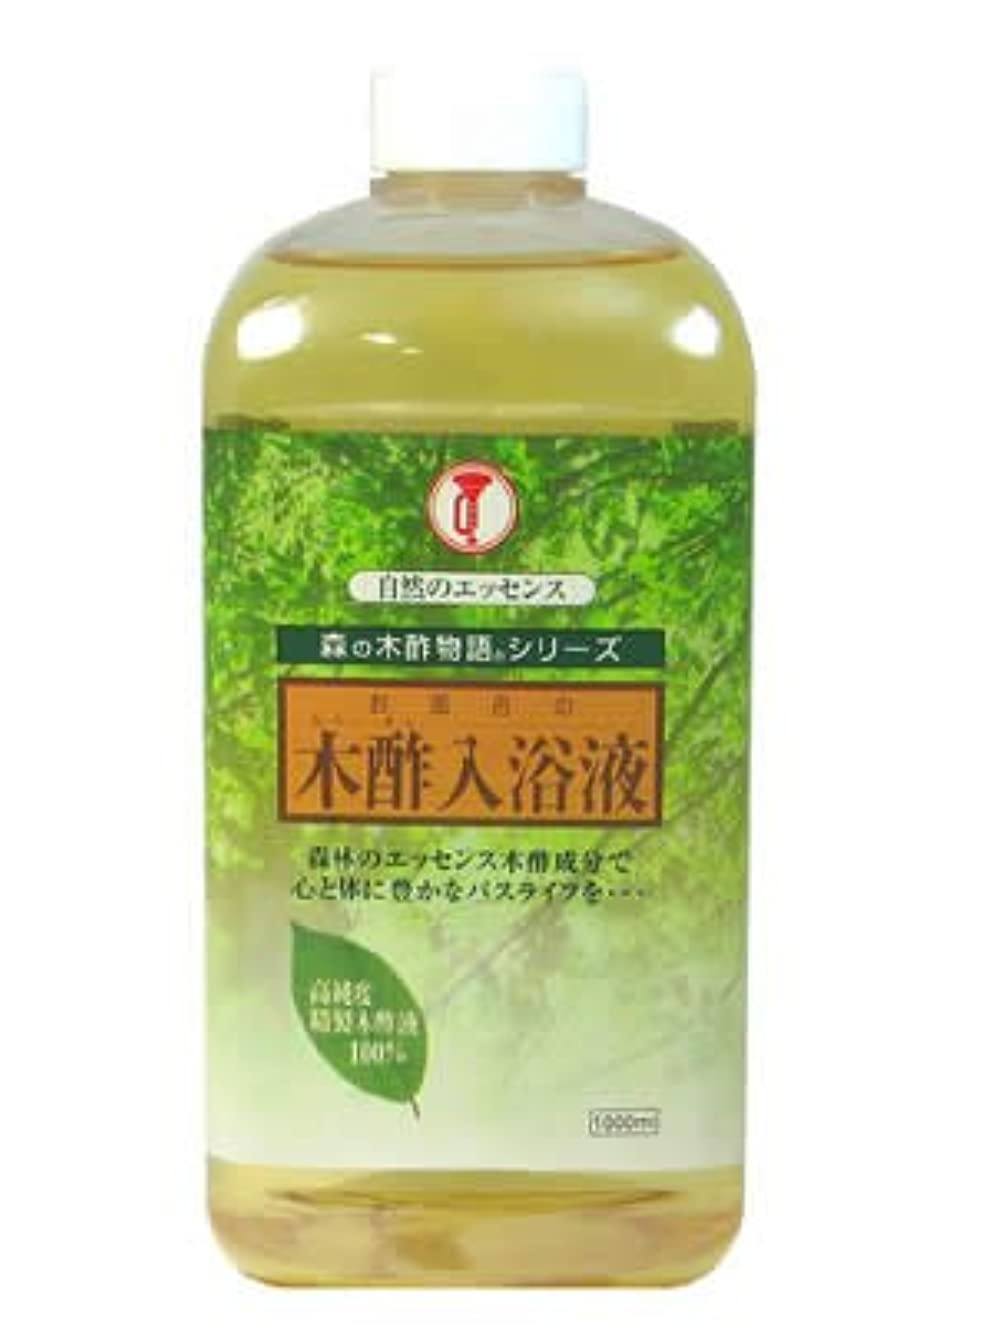 分泌する見てキルト木酢入浴液 1000ml